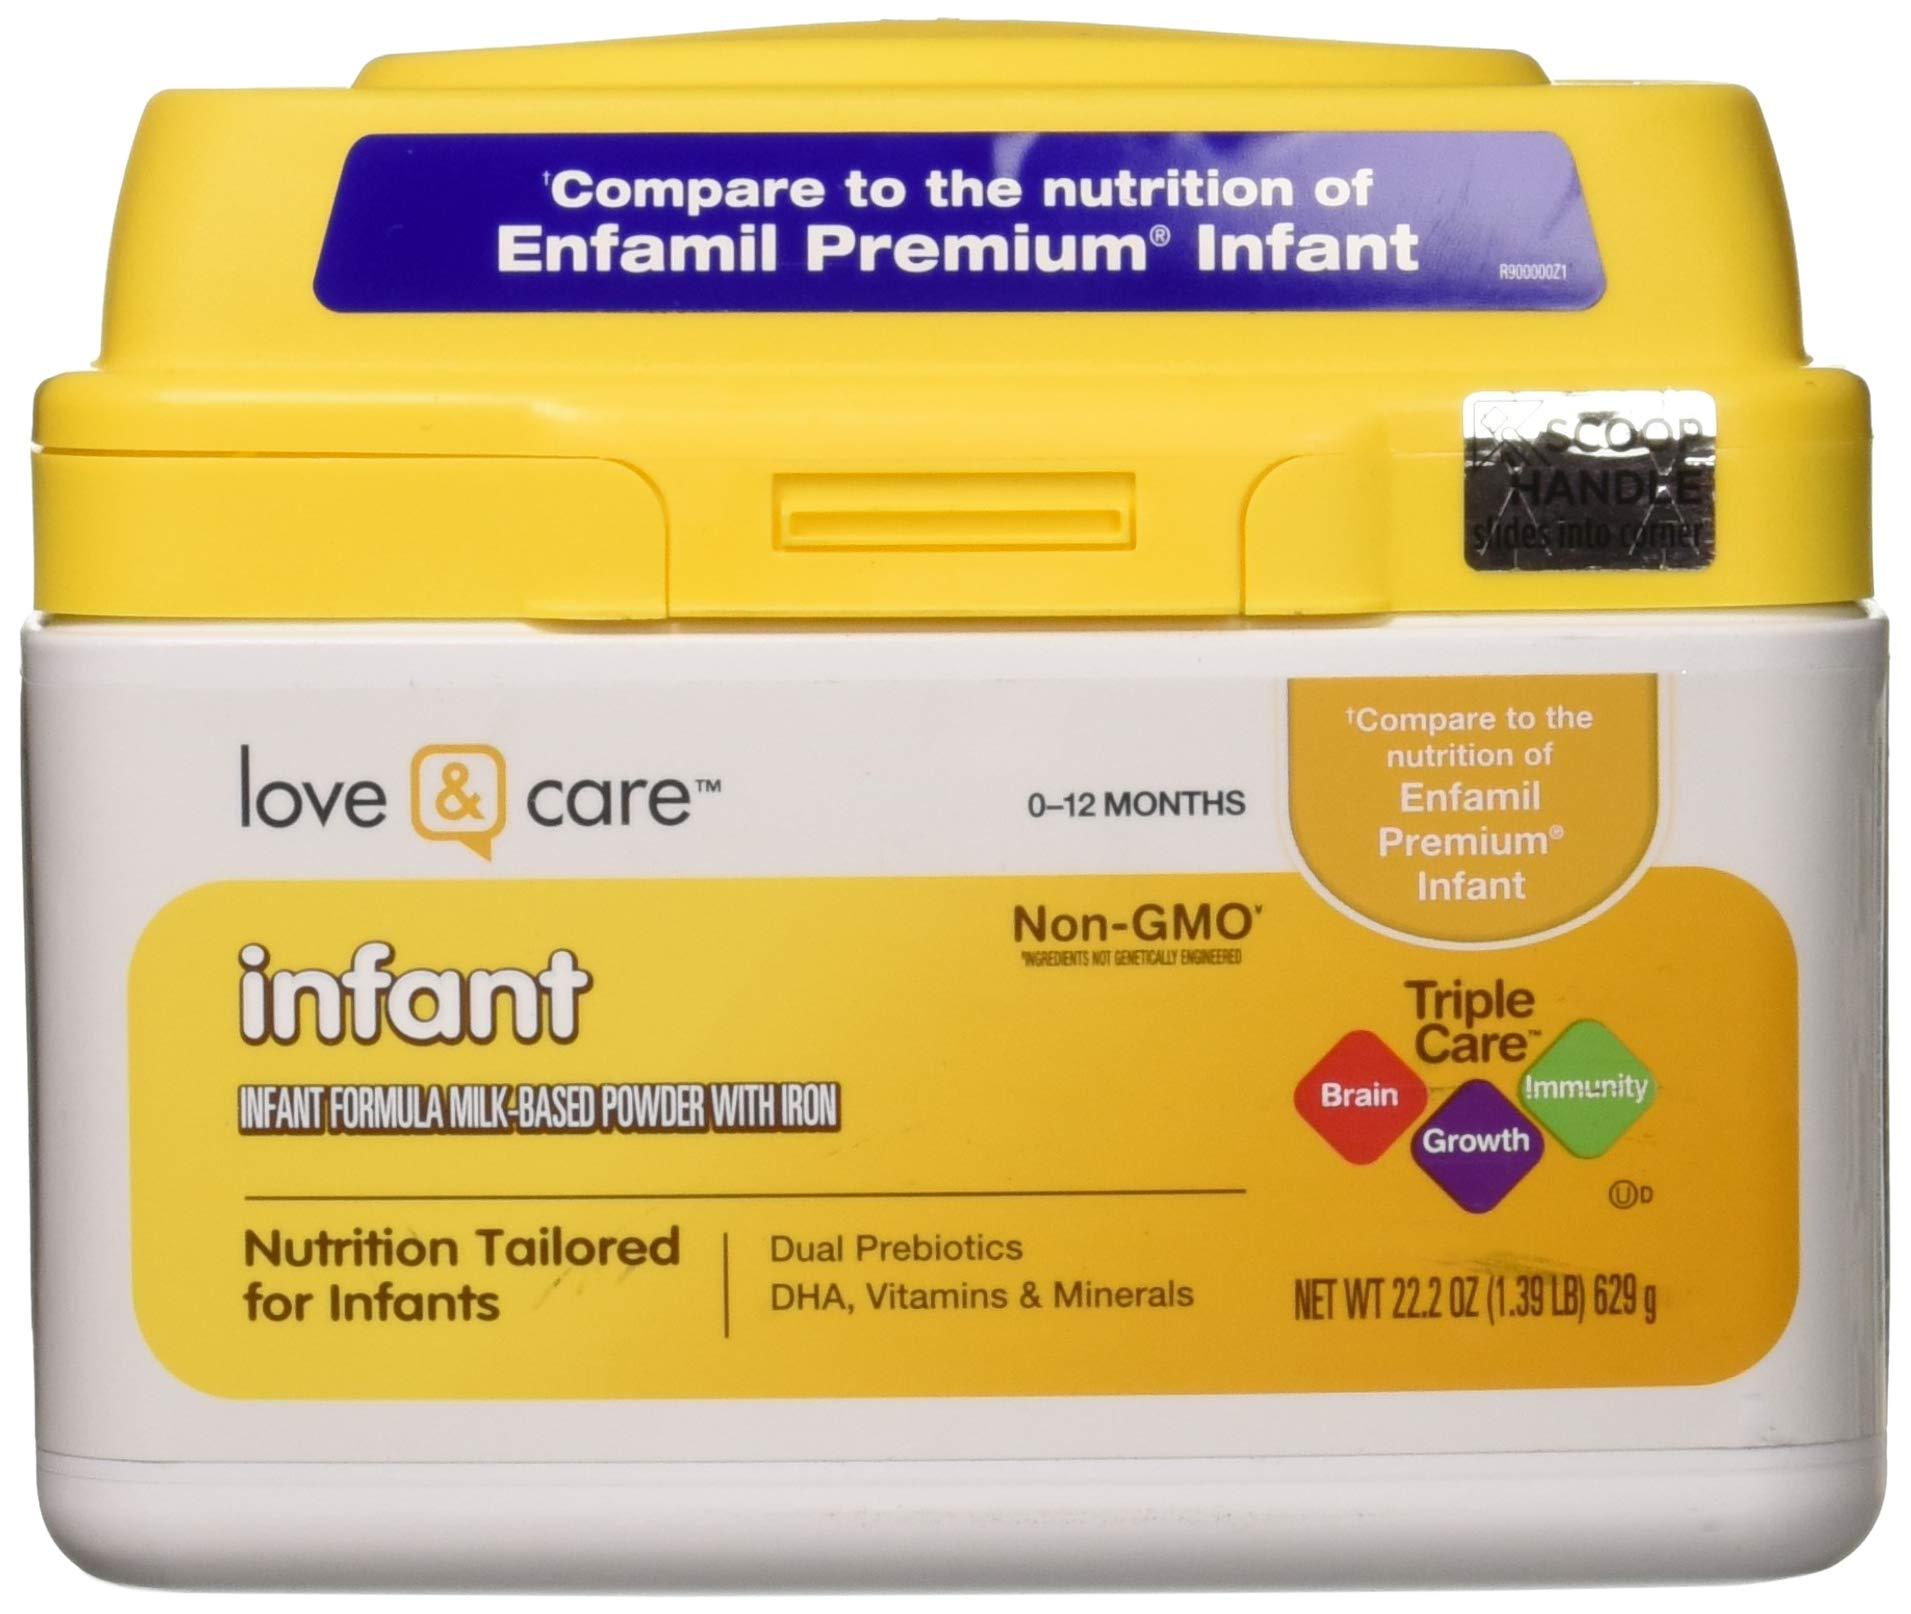 Love Care Infant Milk Based Formula